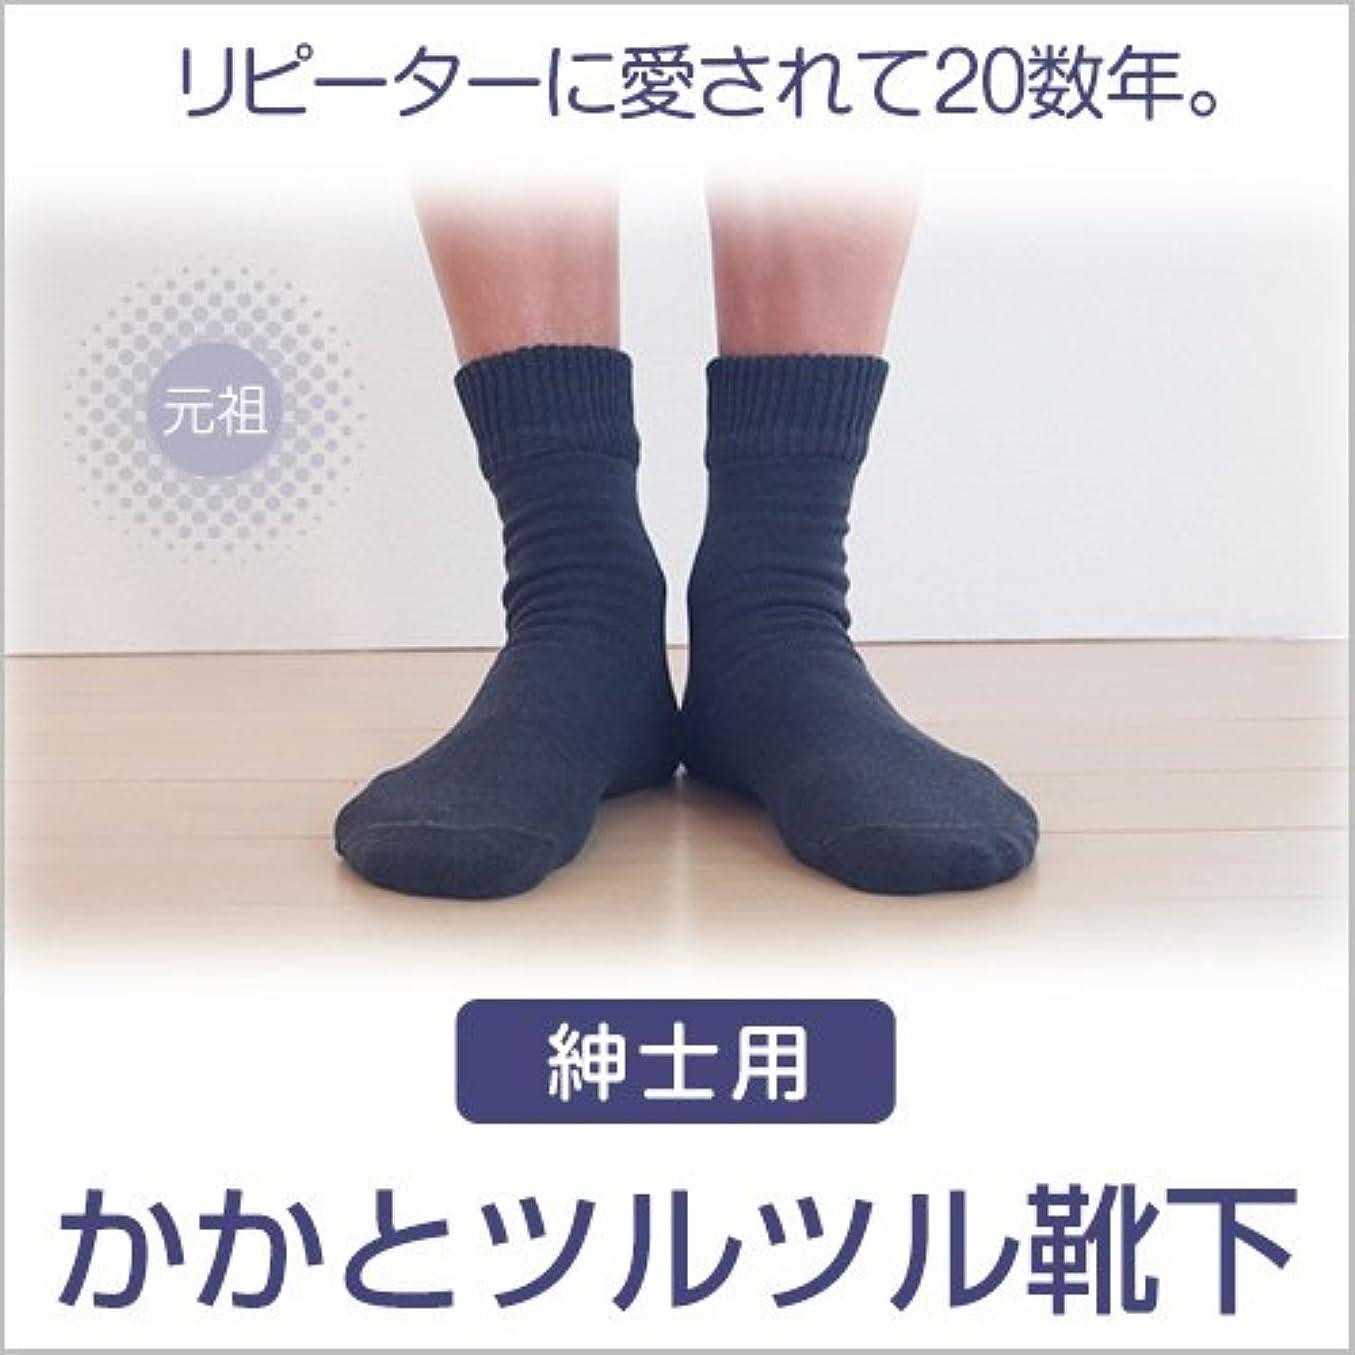 束ポンプリフト男性用 かかと ツルツル 靴下 ブラック 24-26cm 角質 ケア ひび割れ対策 太陽ニット 700